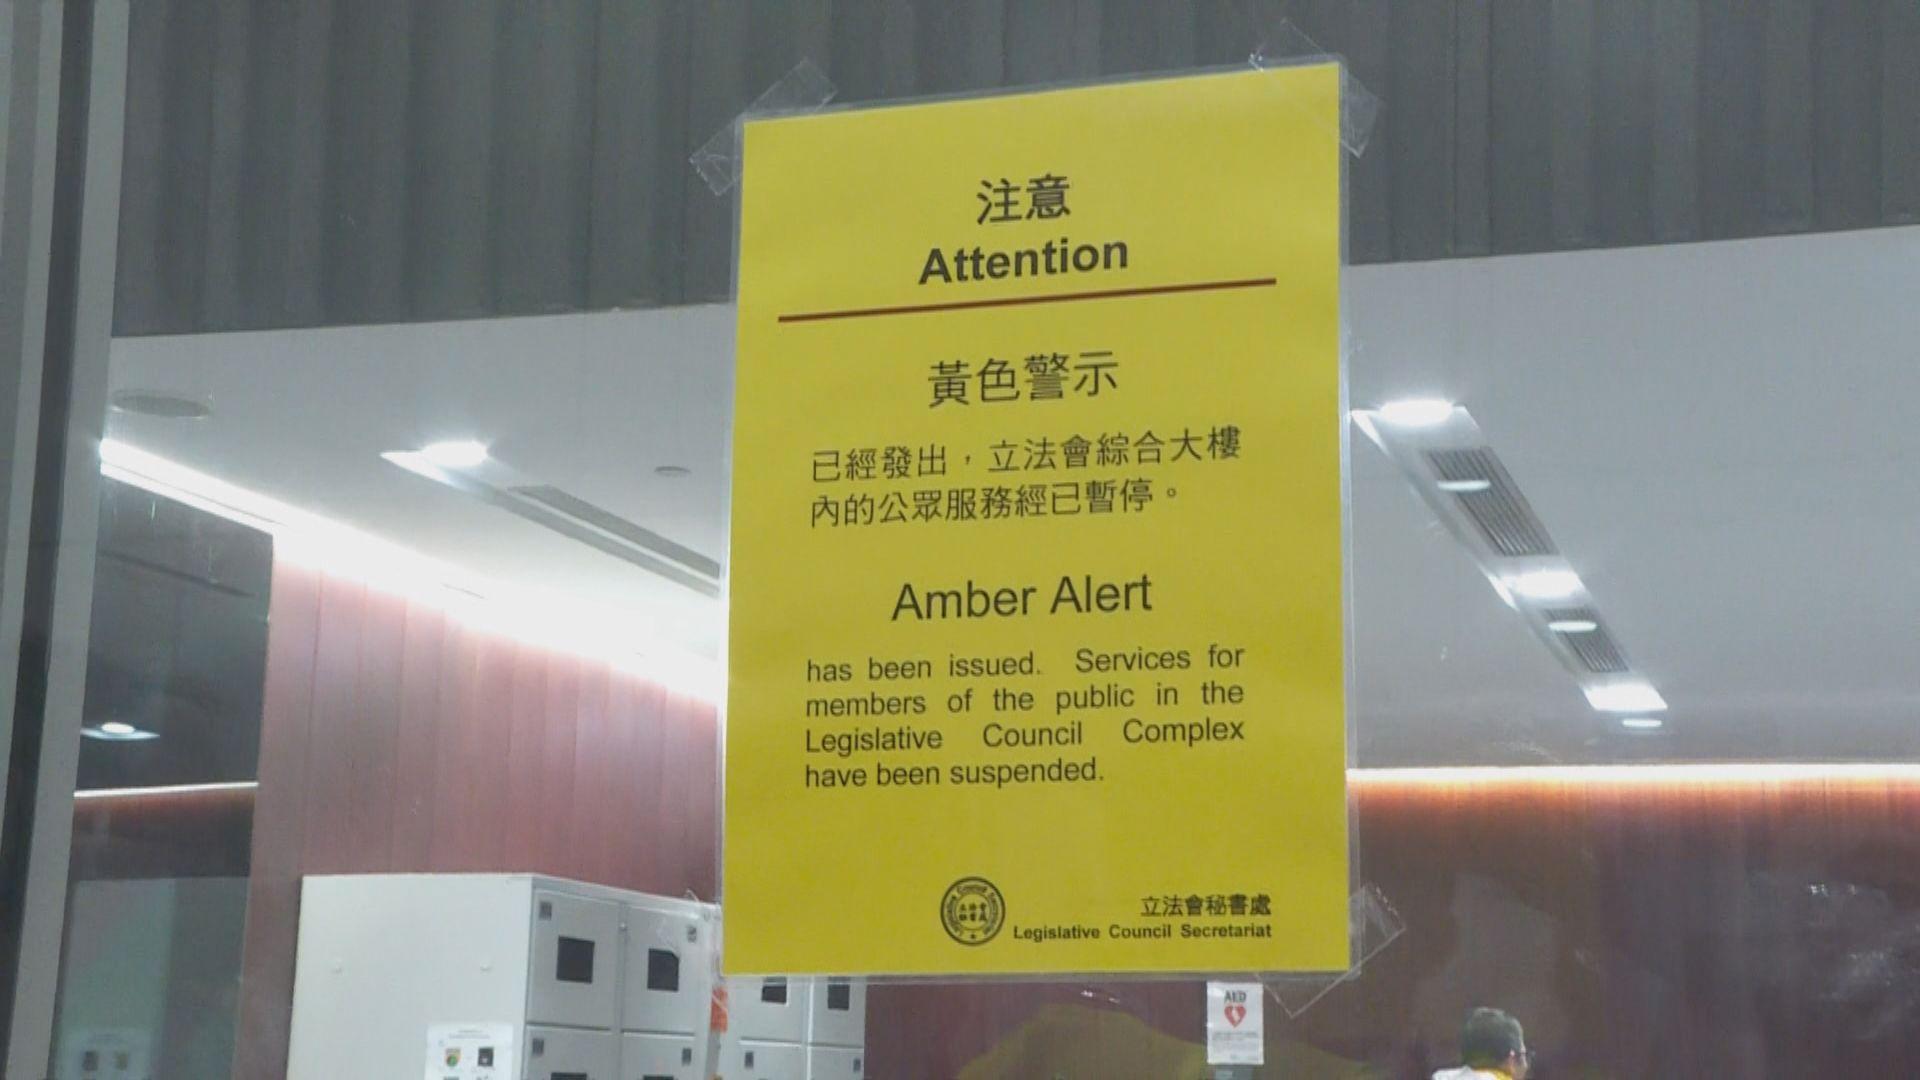 立法會秘書處發出黃色警示